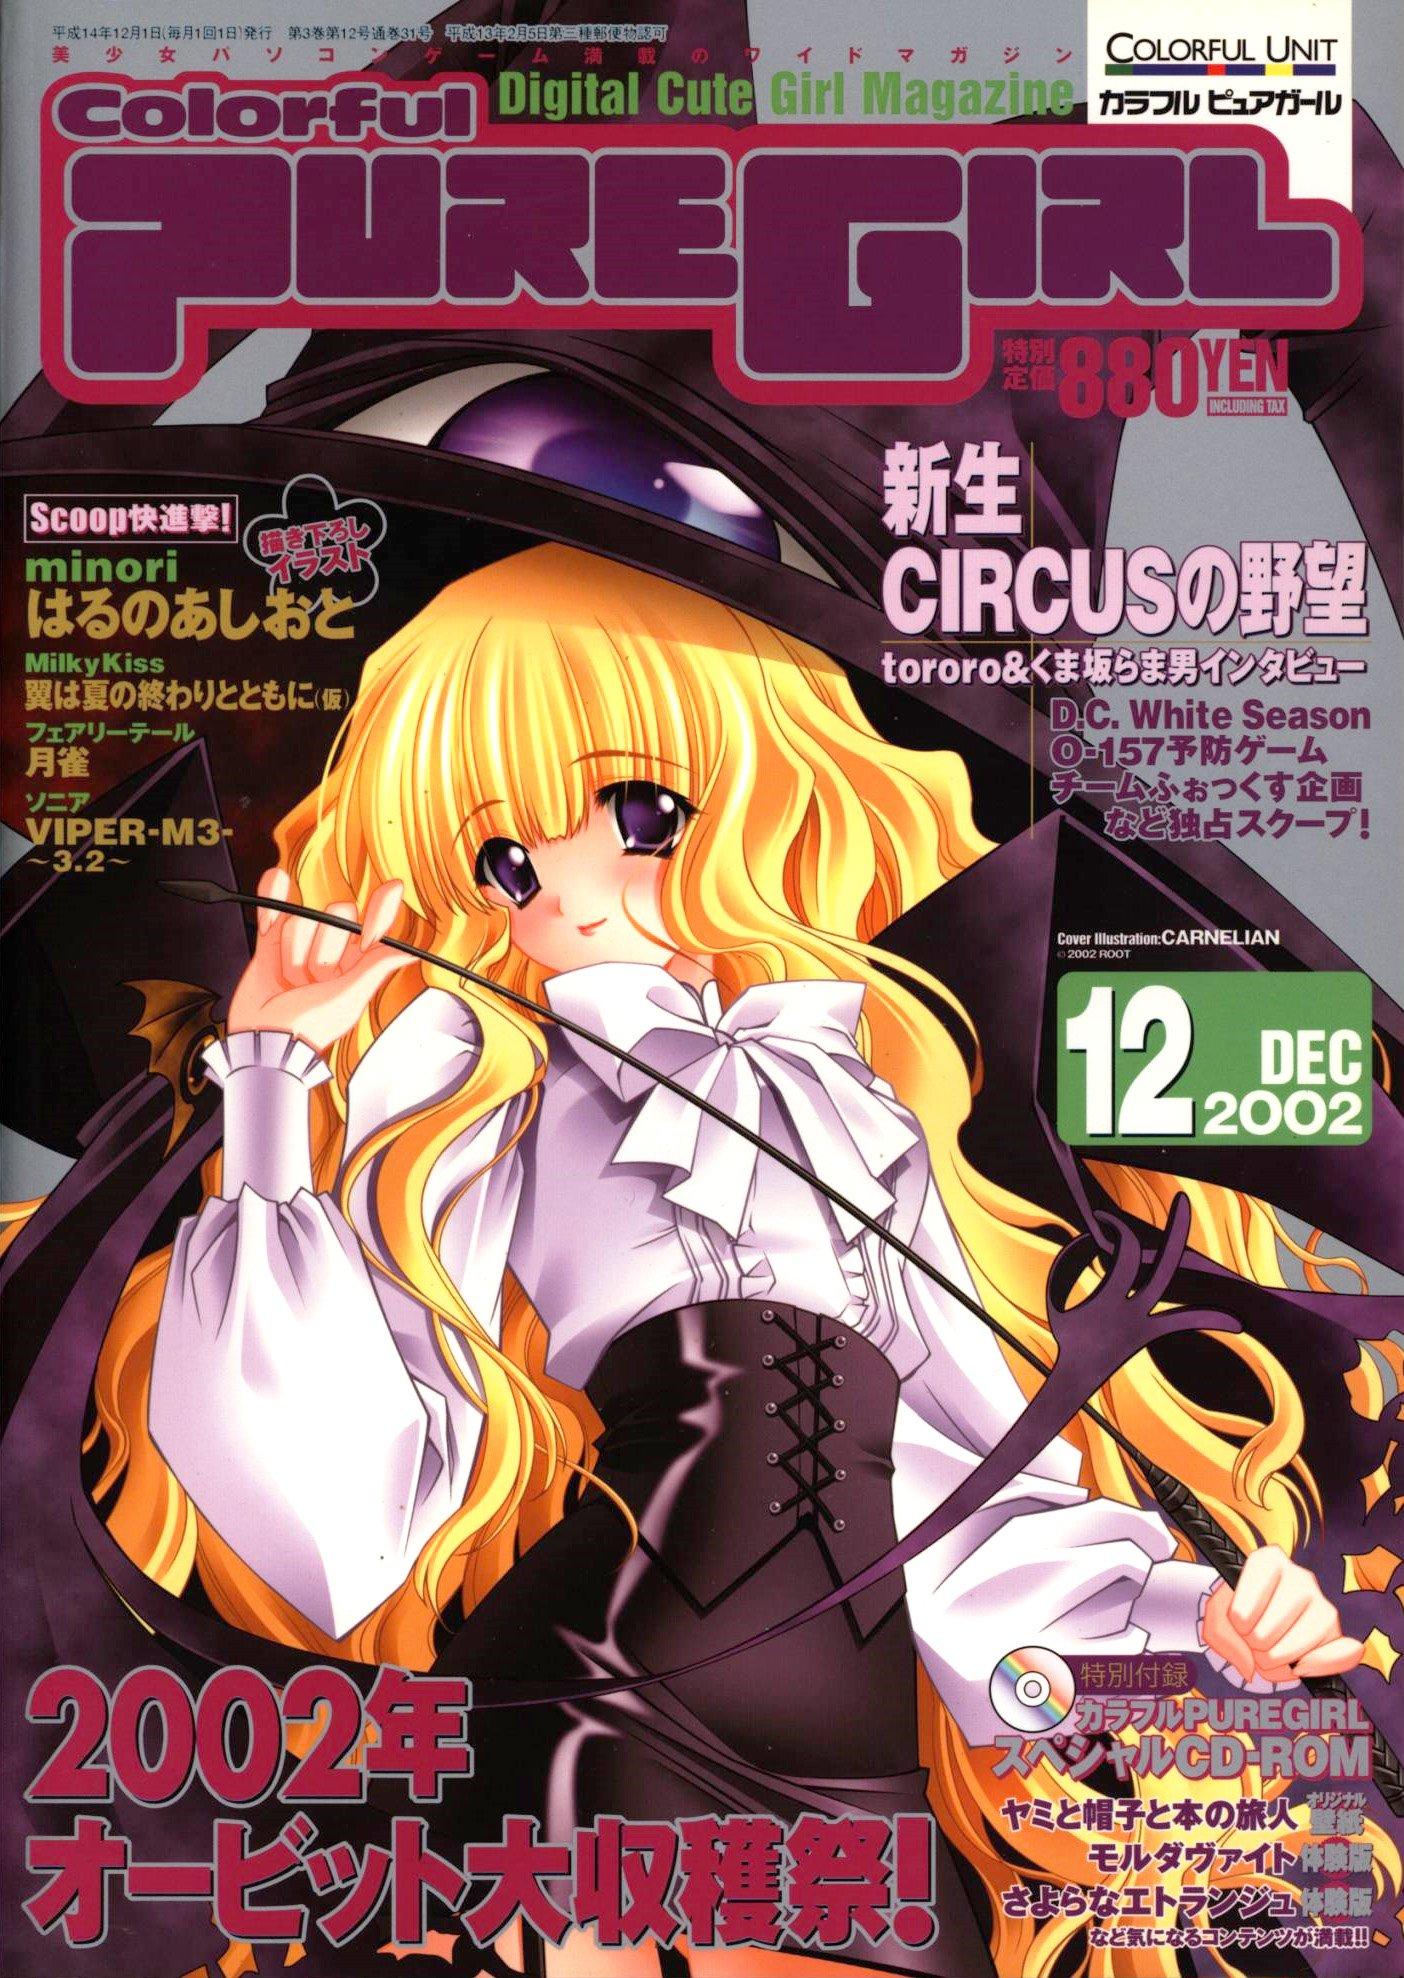 Colorful Puregirl Issue 31 (December 2002)